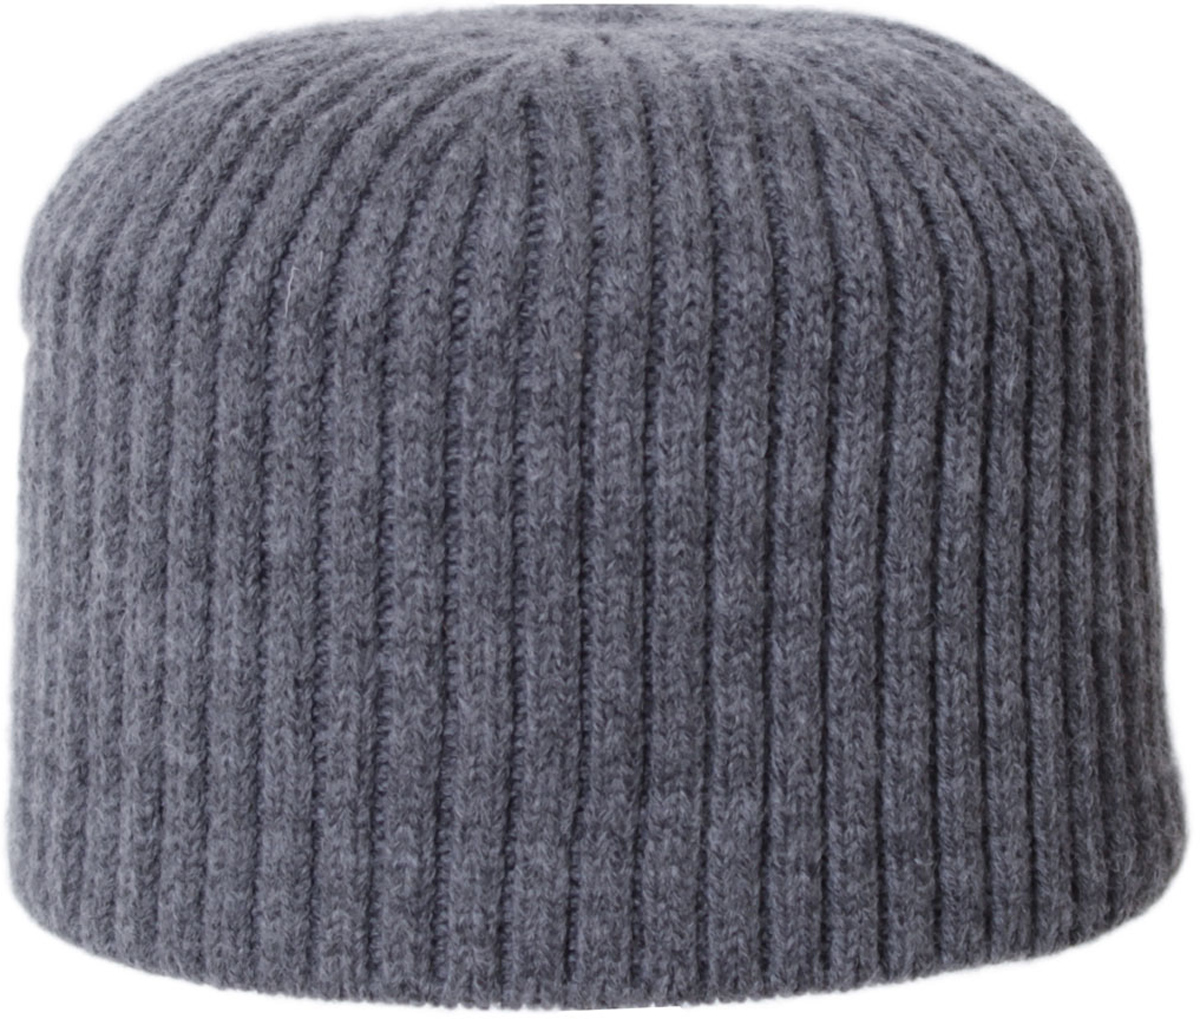 Шапка мужская Leighton, цвет: серый. 5-048. Размер 59/605-048Вязаная мужская шапка Leighton отлично подойдет для повседневной носки и активного отдыха в холодное время года. Быстро выводит влагу от тела, оставляя изделие сухим. Шапка подарит ощущение тепла и комфорта в прохладный день. Сочетание шерсти и акрила максимально сохраняет тепло и обеспечивает удобную посадку, невероятную легкость и мягкость. Стильная шапка Leighton подчеркнет ваш неповторимый стиль и индивидуальность. Такая модель составит идеальный комплект с модной верхней одеждой, в ней вам будет уютно и тепло.